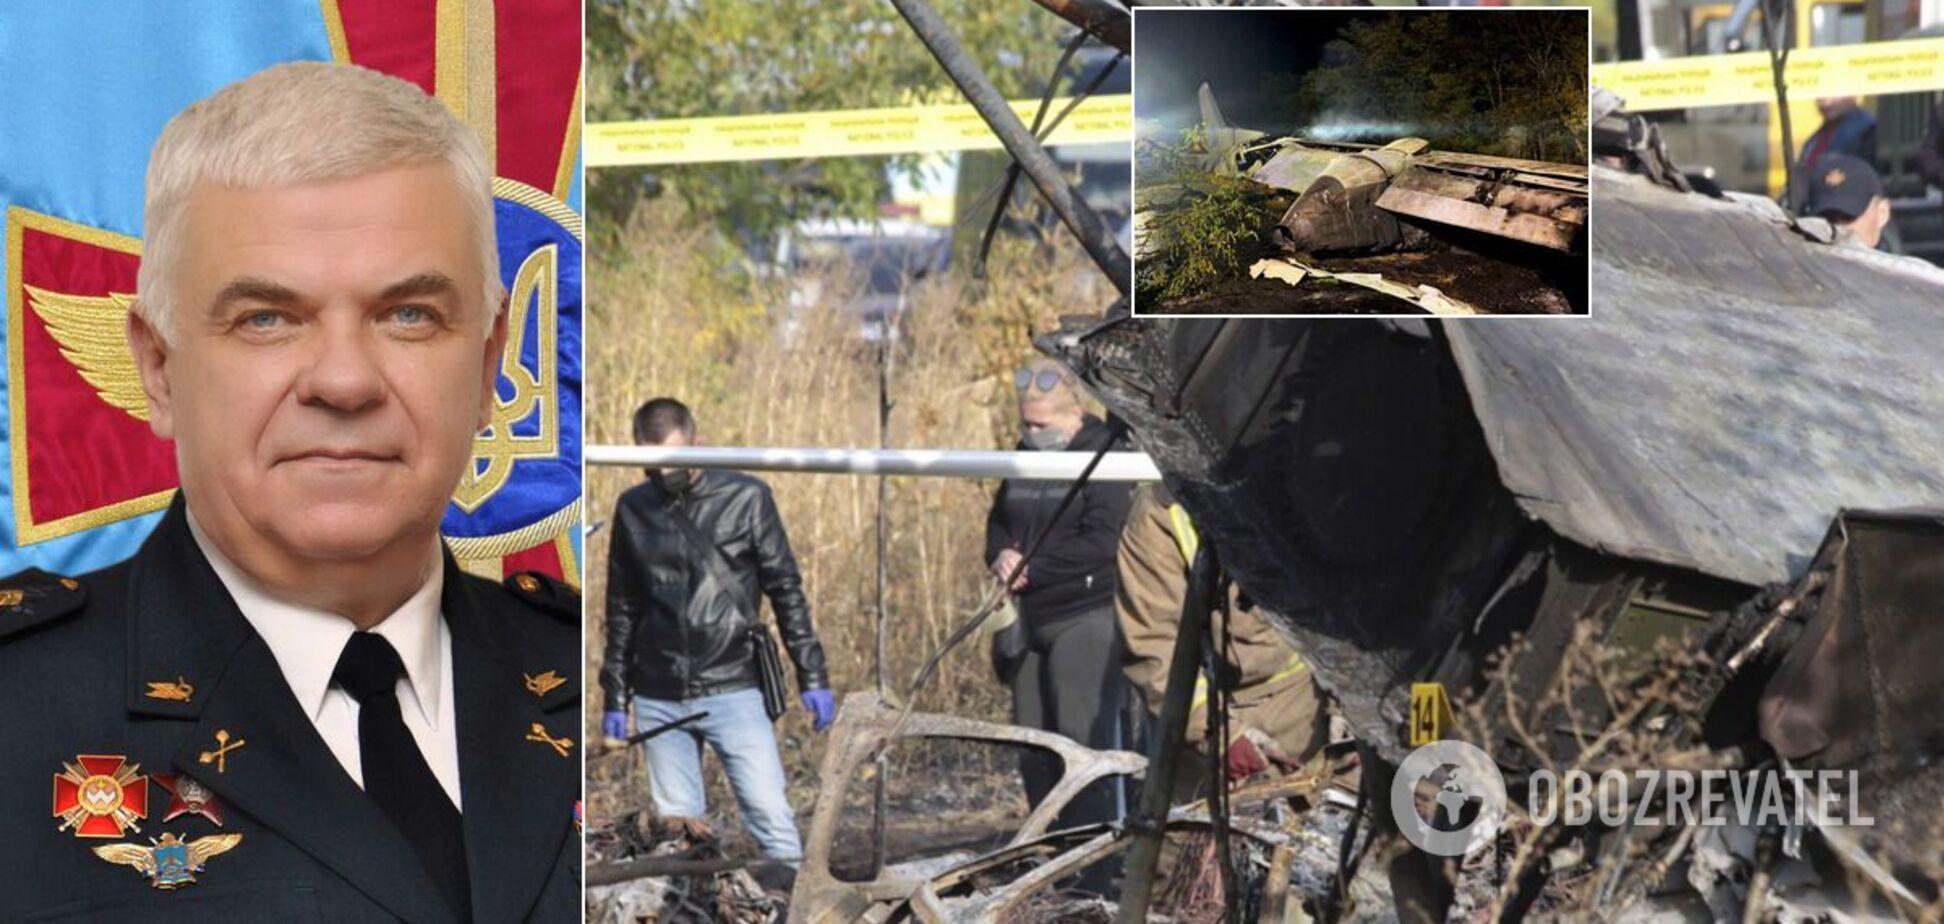 Командувачу Повітряних сил оголосили підозру в справі про катастрофу АН-26 під Чугуєвом